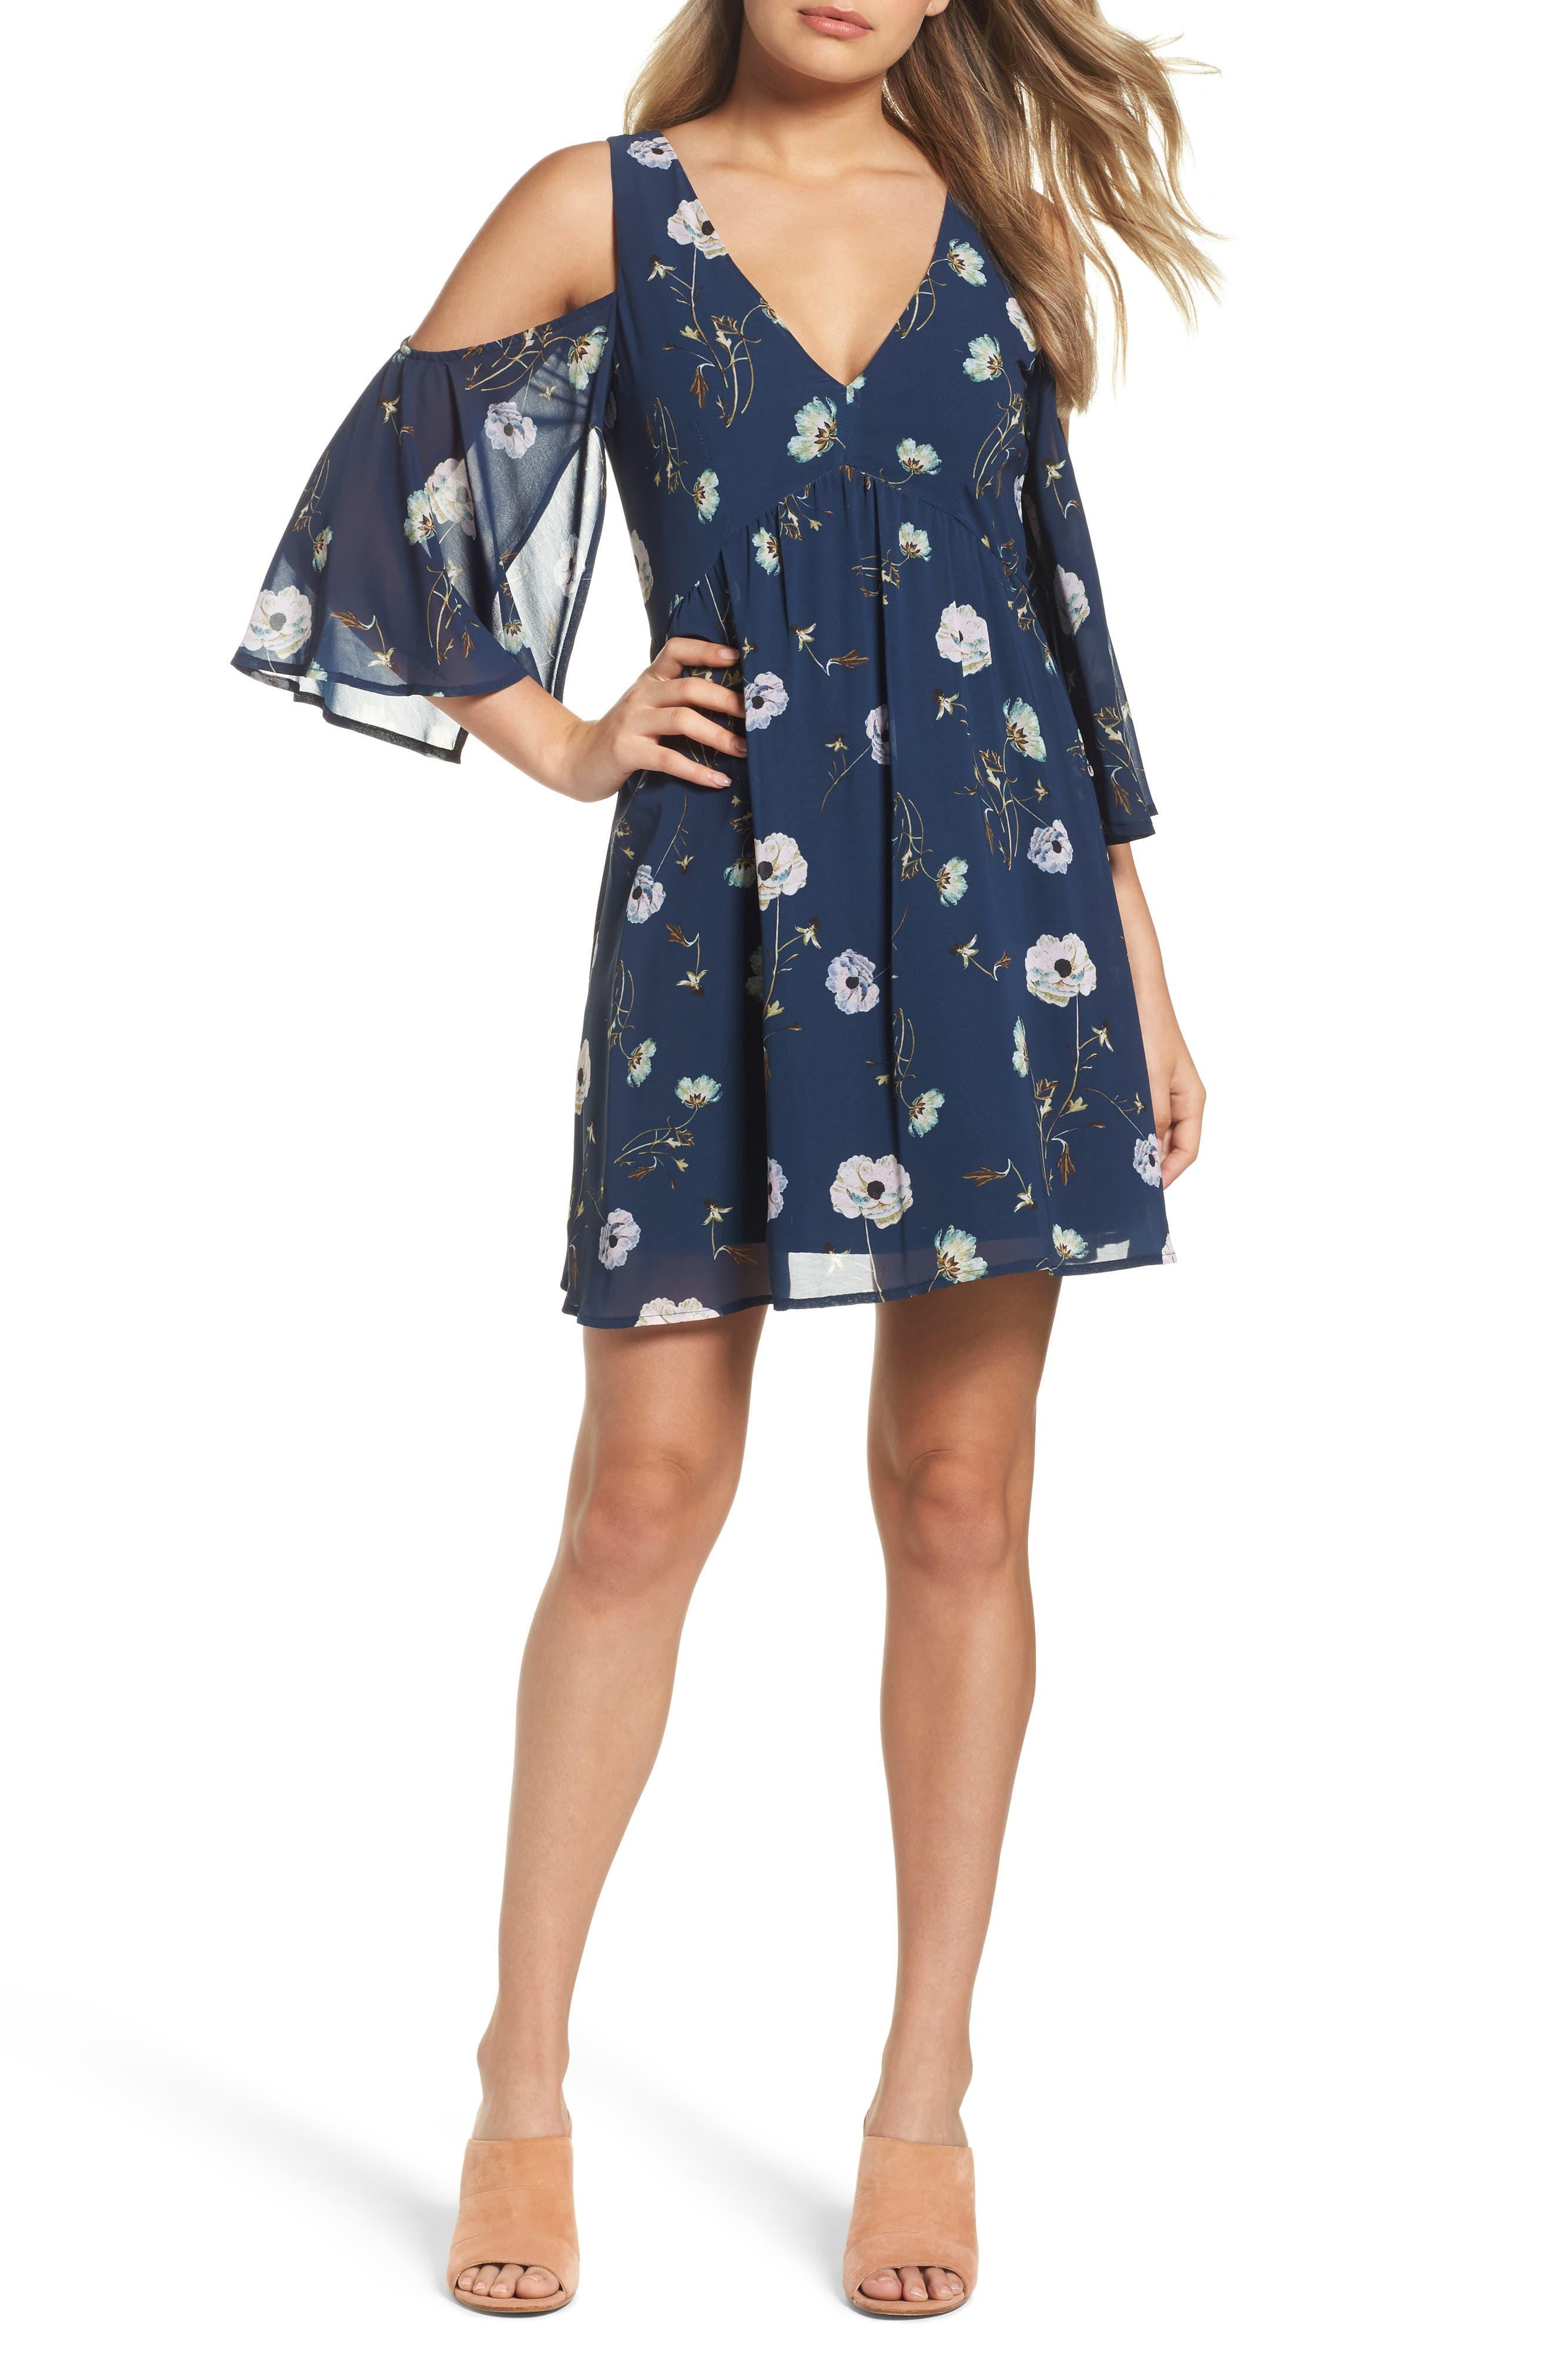 BB Dakota Rylie Cold Shoulder Dress